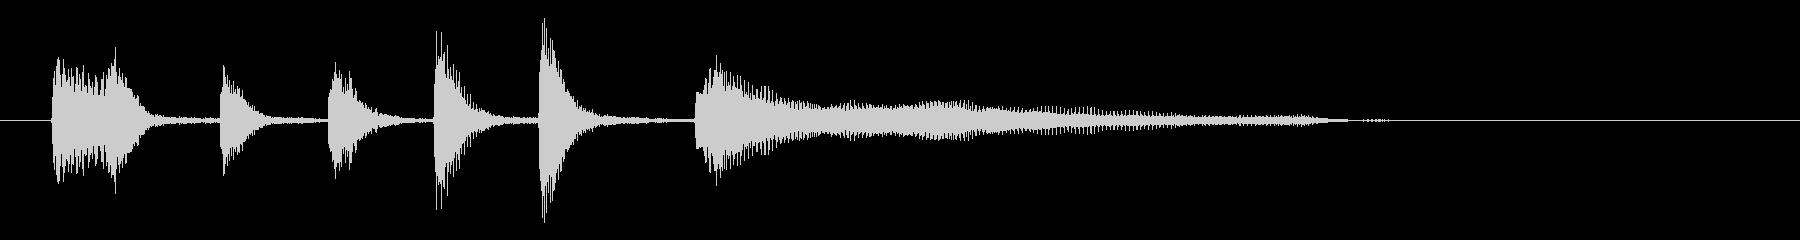 サウンドロゴ・ジングル(ピアノ)の未再生の波形